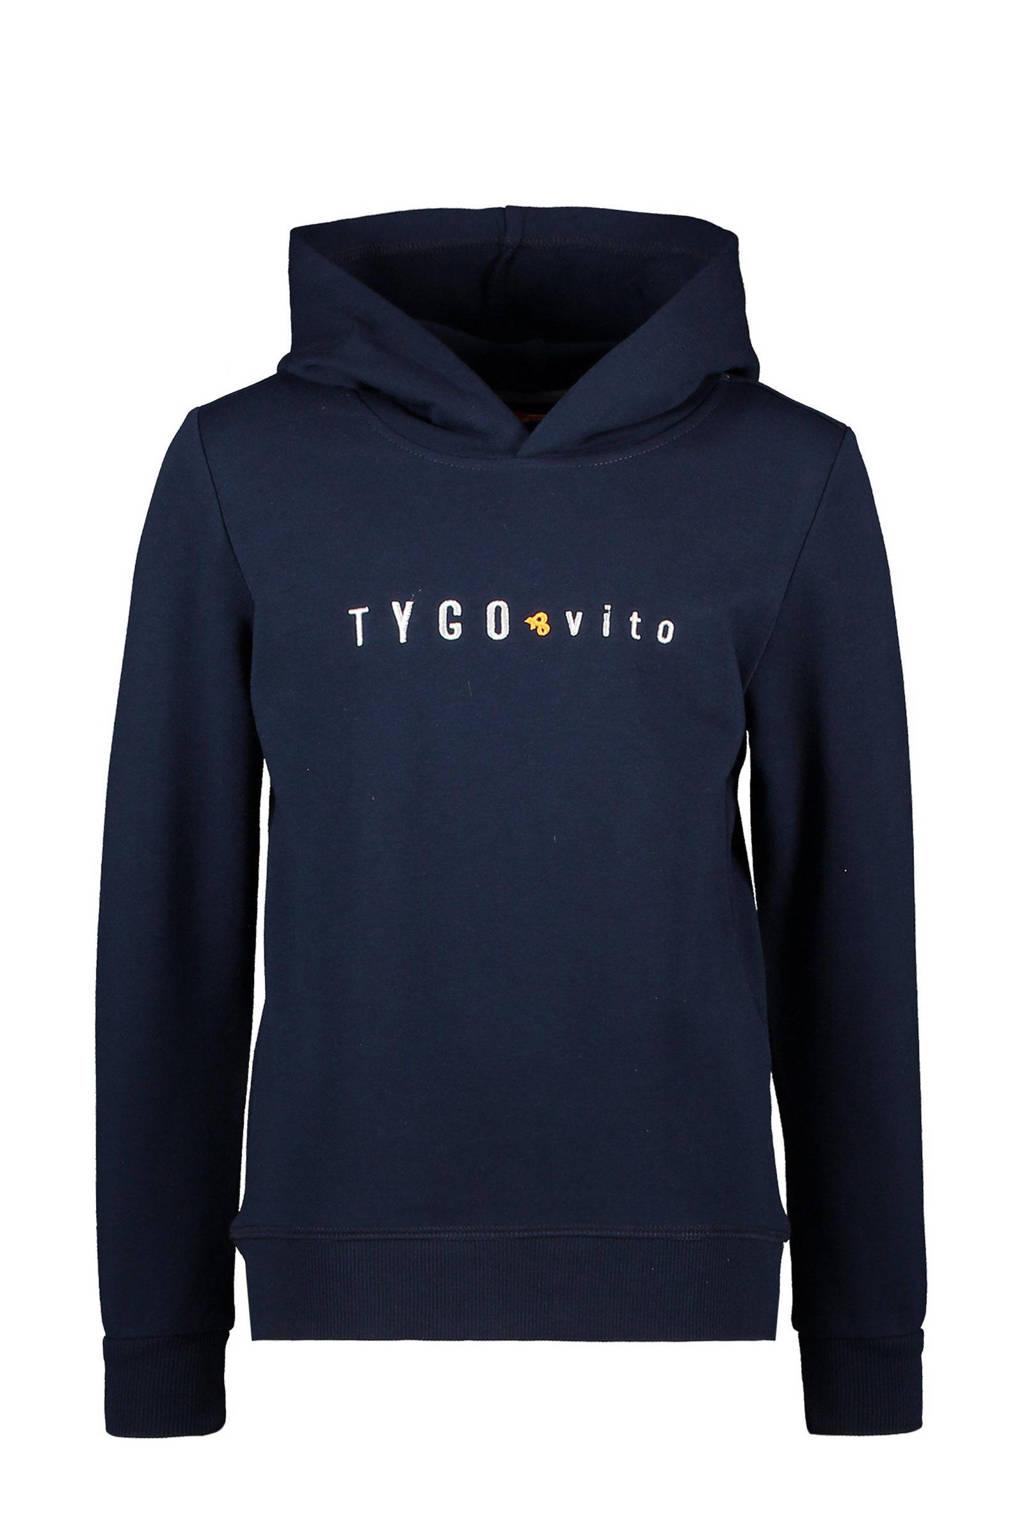 TYGO & vito hoodie met logo donkerblauw, Donkerblauw